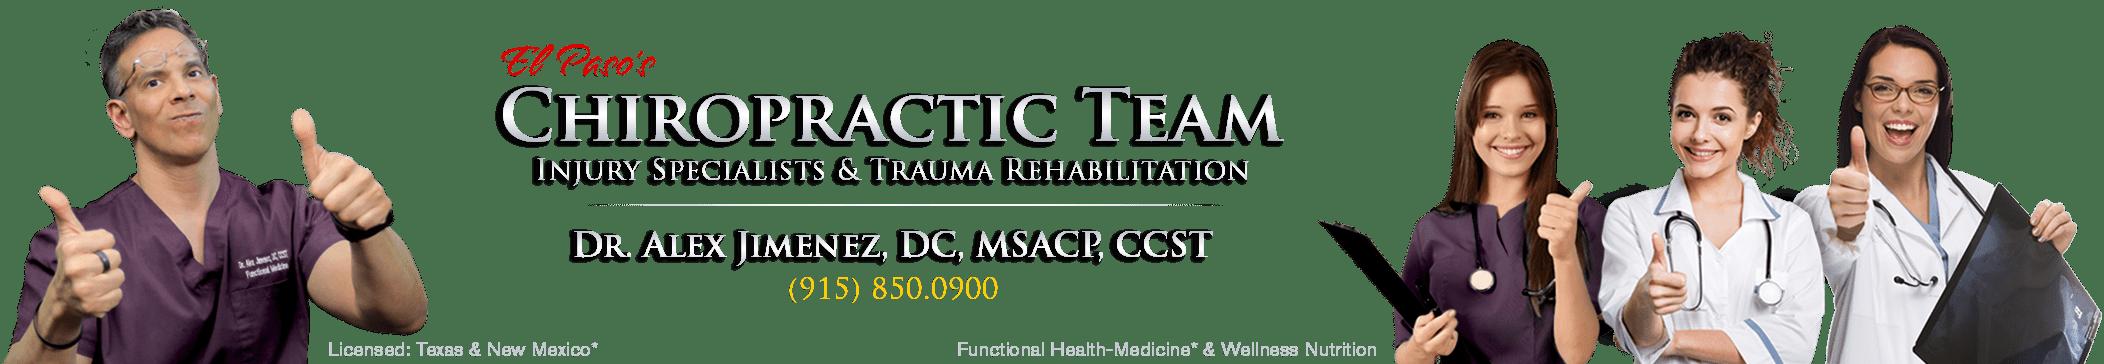 Klinika Chiropractic Premier w El Paso 915-850-0900